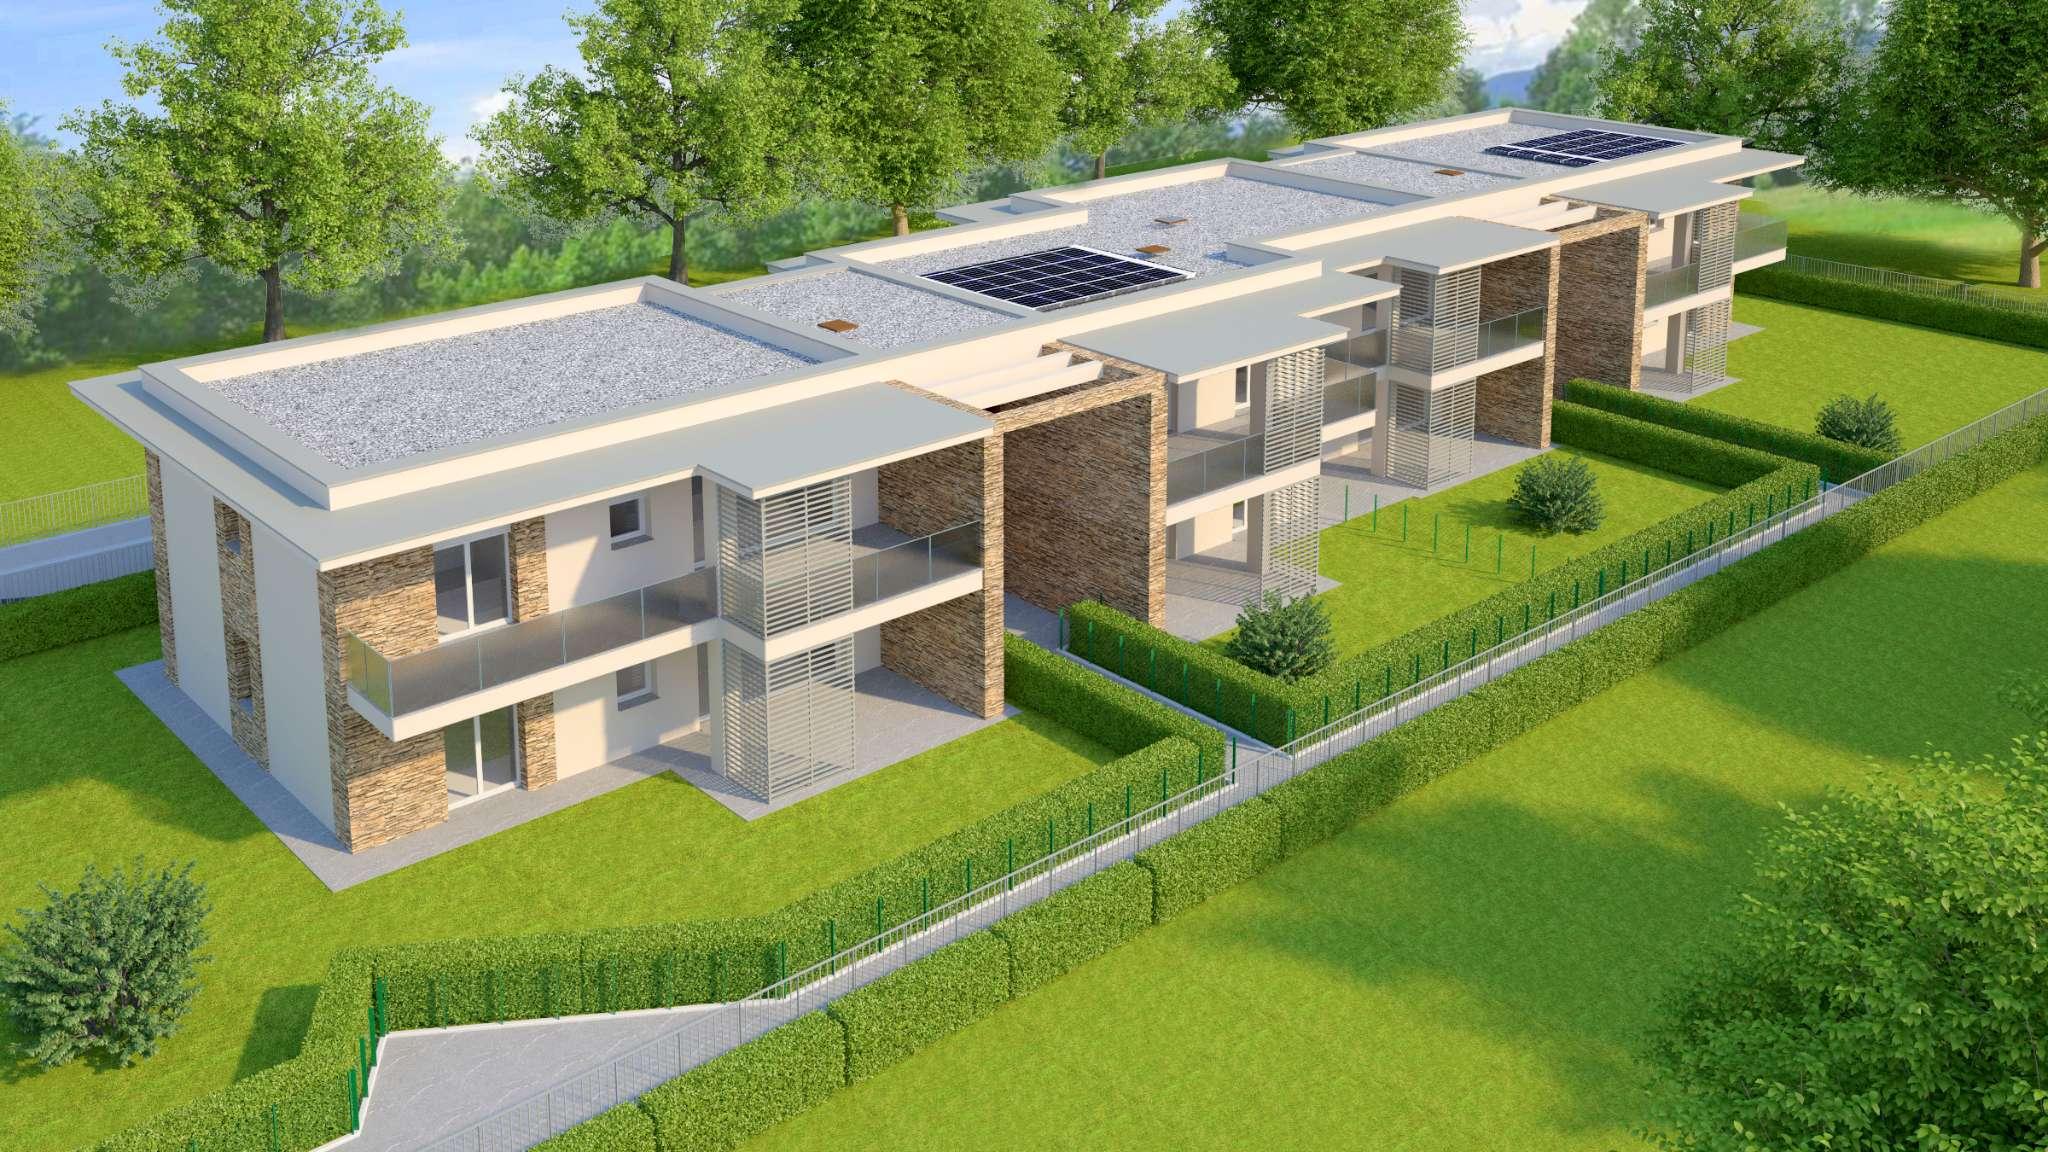 Appartamento in vendita a Arcore, 4 locali, prezzo € 380.000 | PortaleAgenzieImmobiliari.it